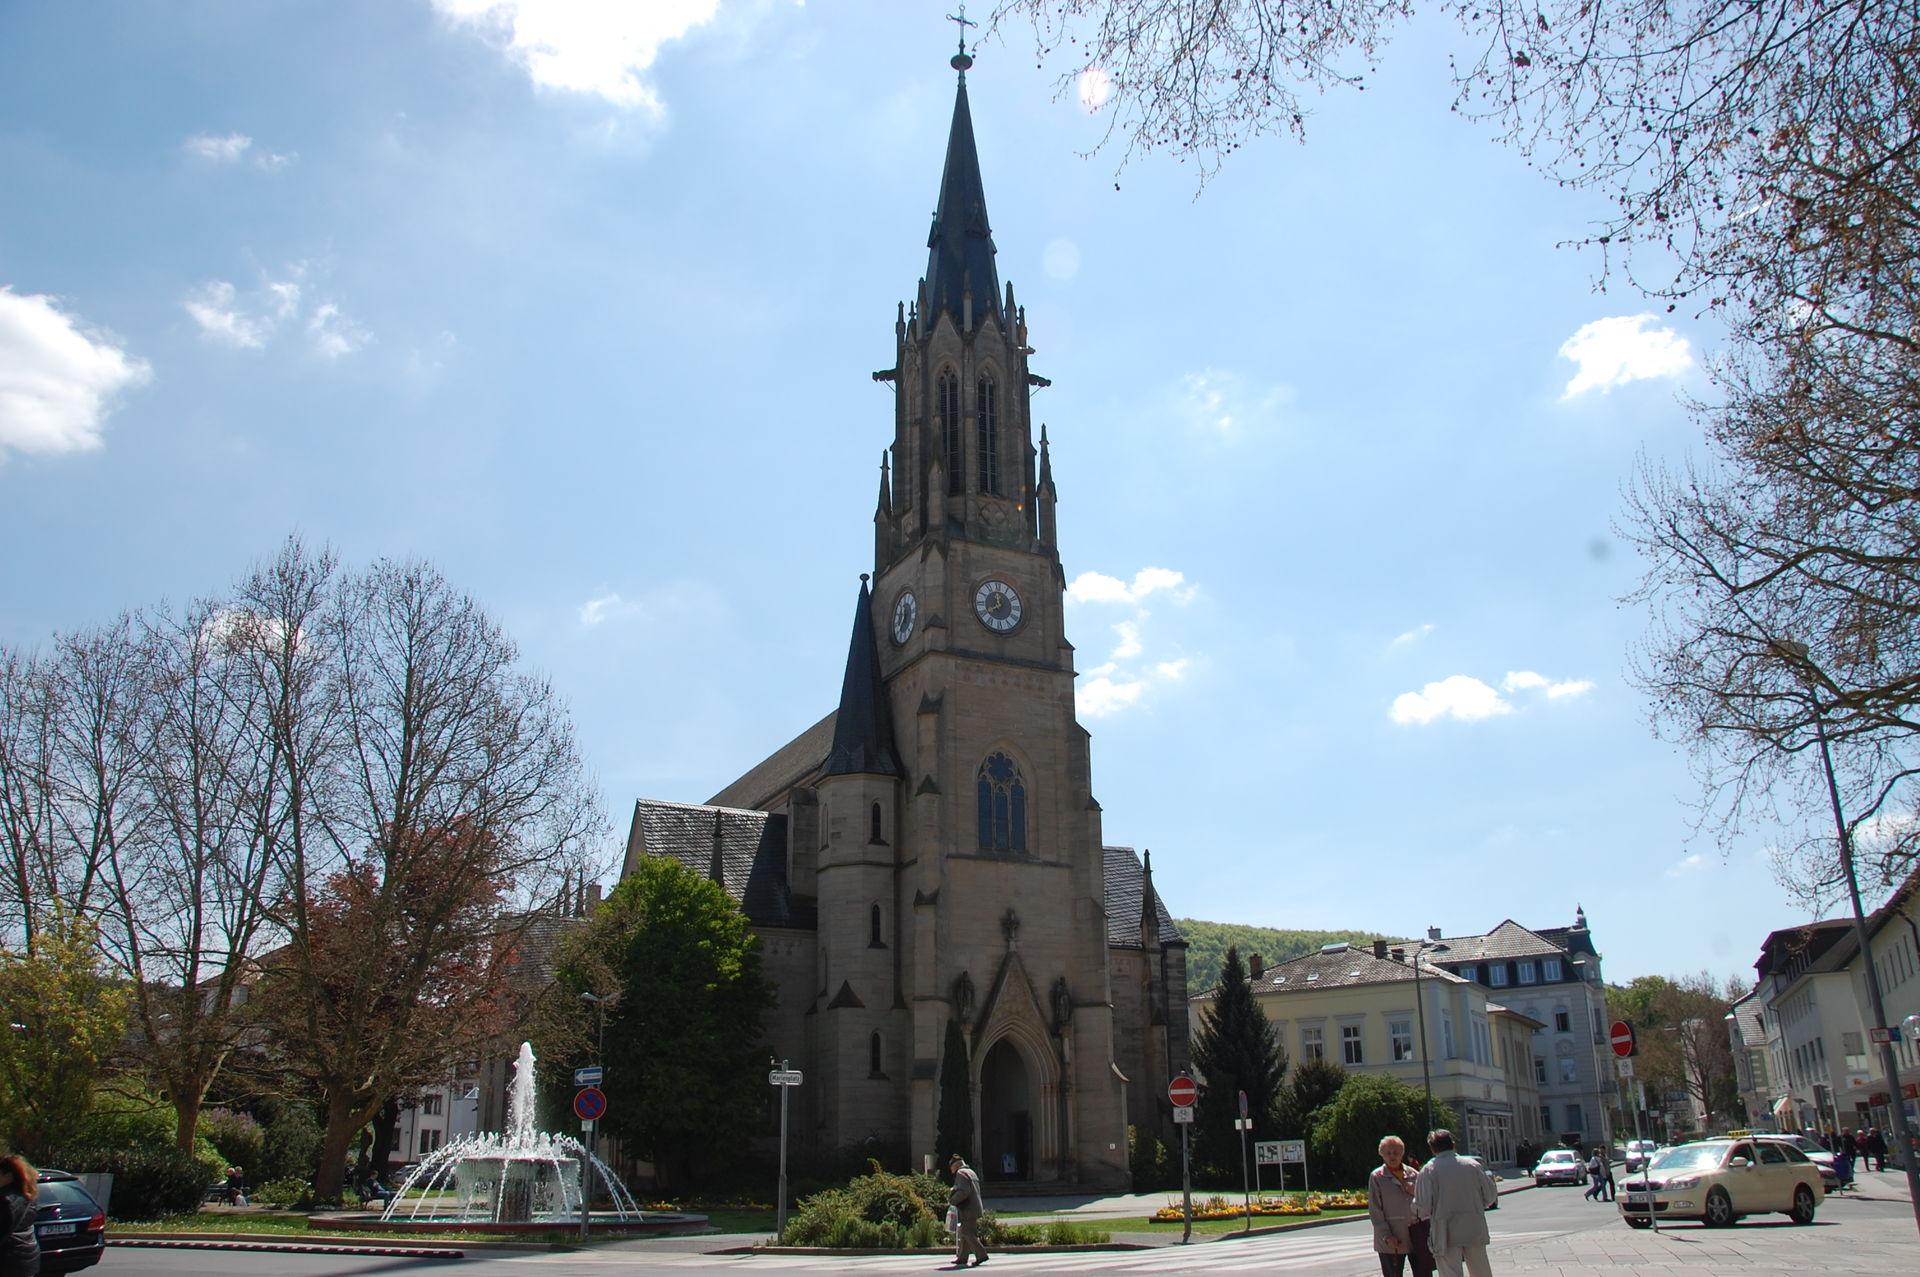 Blick auf die Herz-Jesu-Kirche in Bad Kissingen